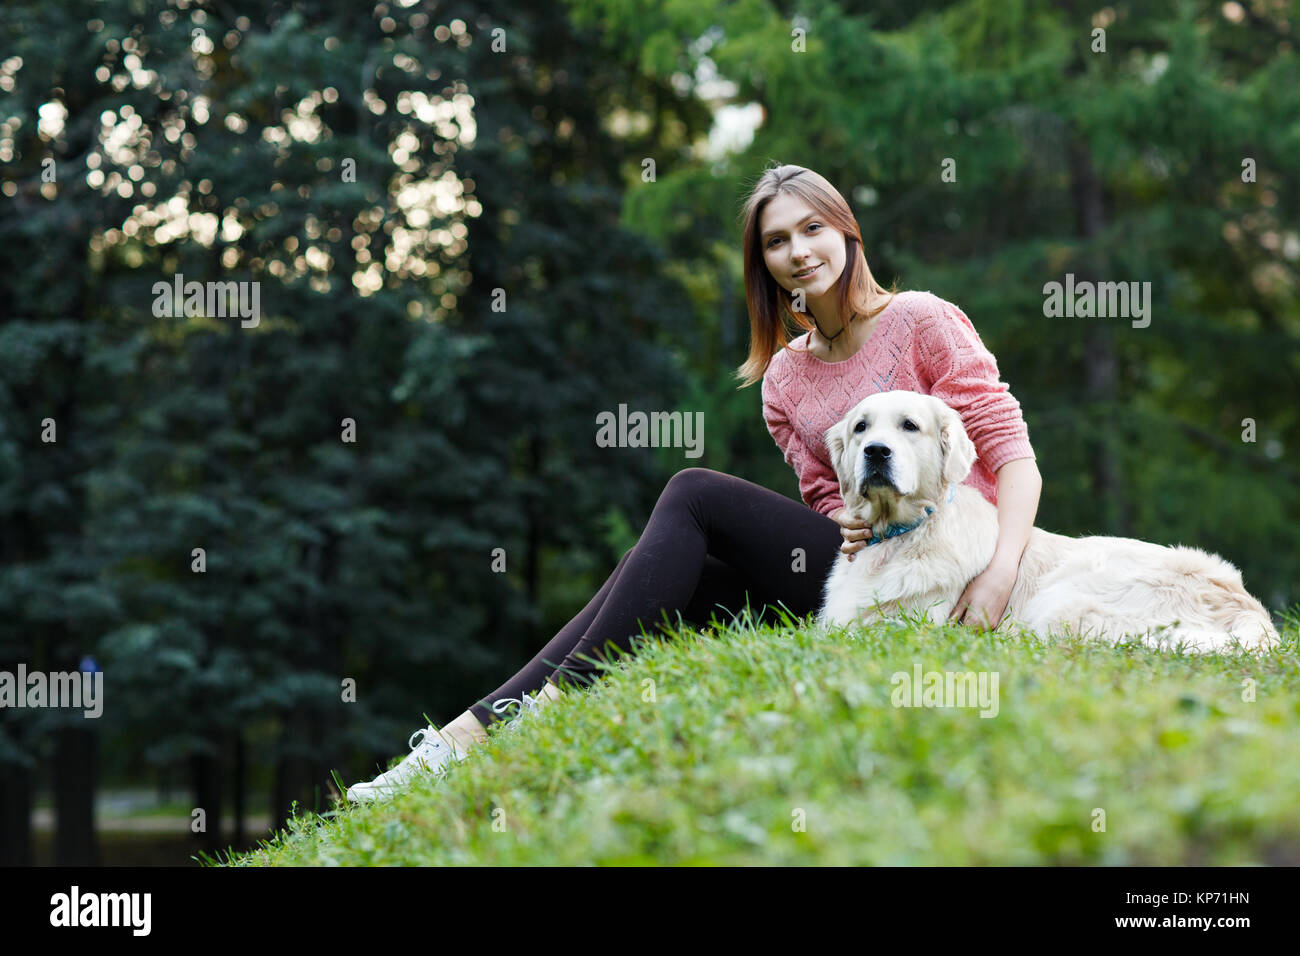 Bild von Unten von Mädchen sitzen mit Hund auf dem grünen Rasen Stockbild